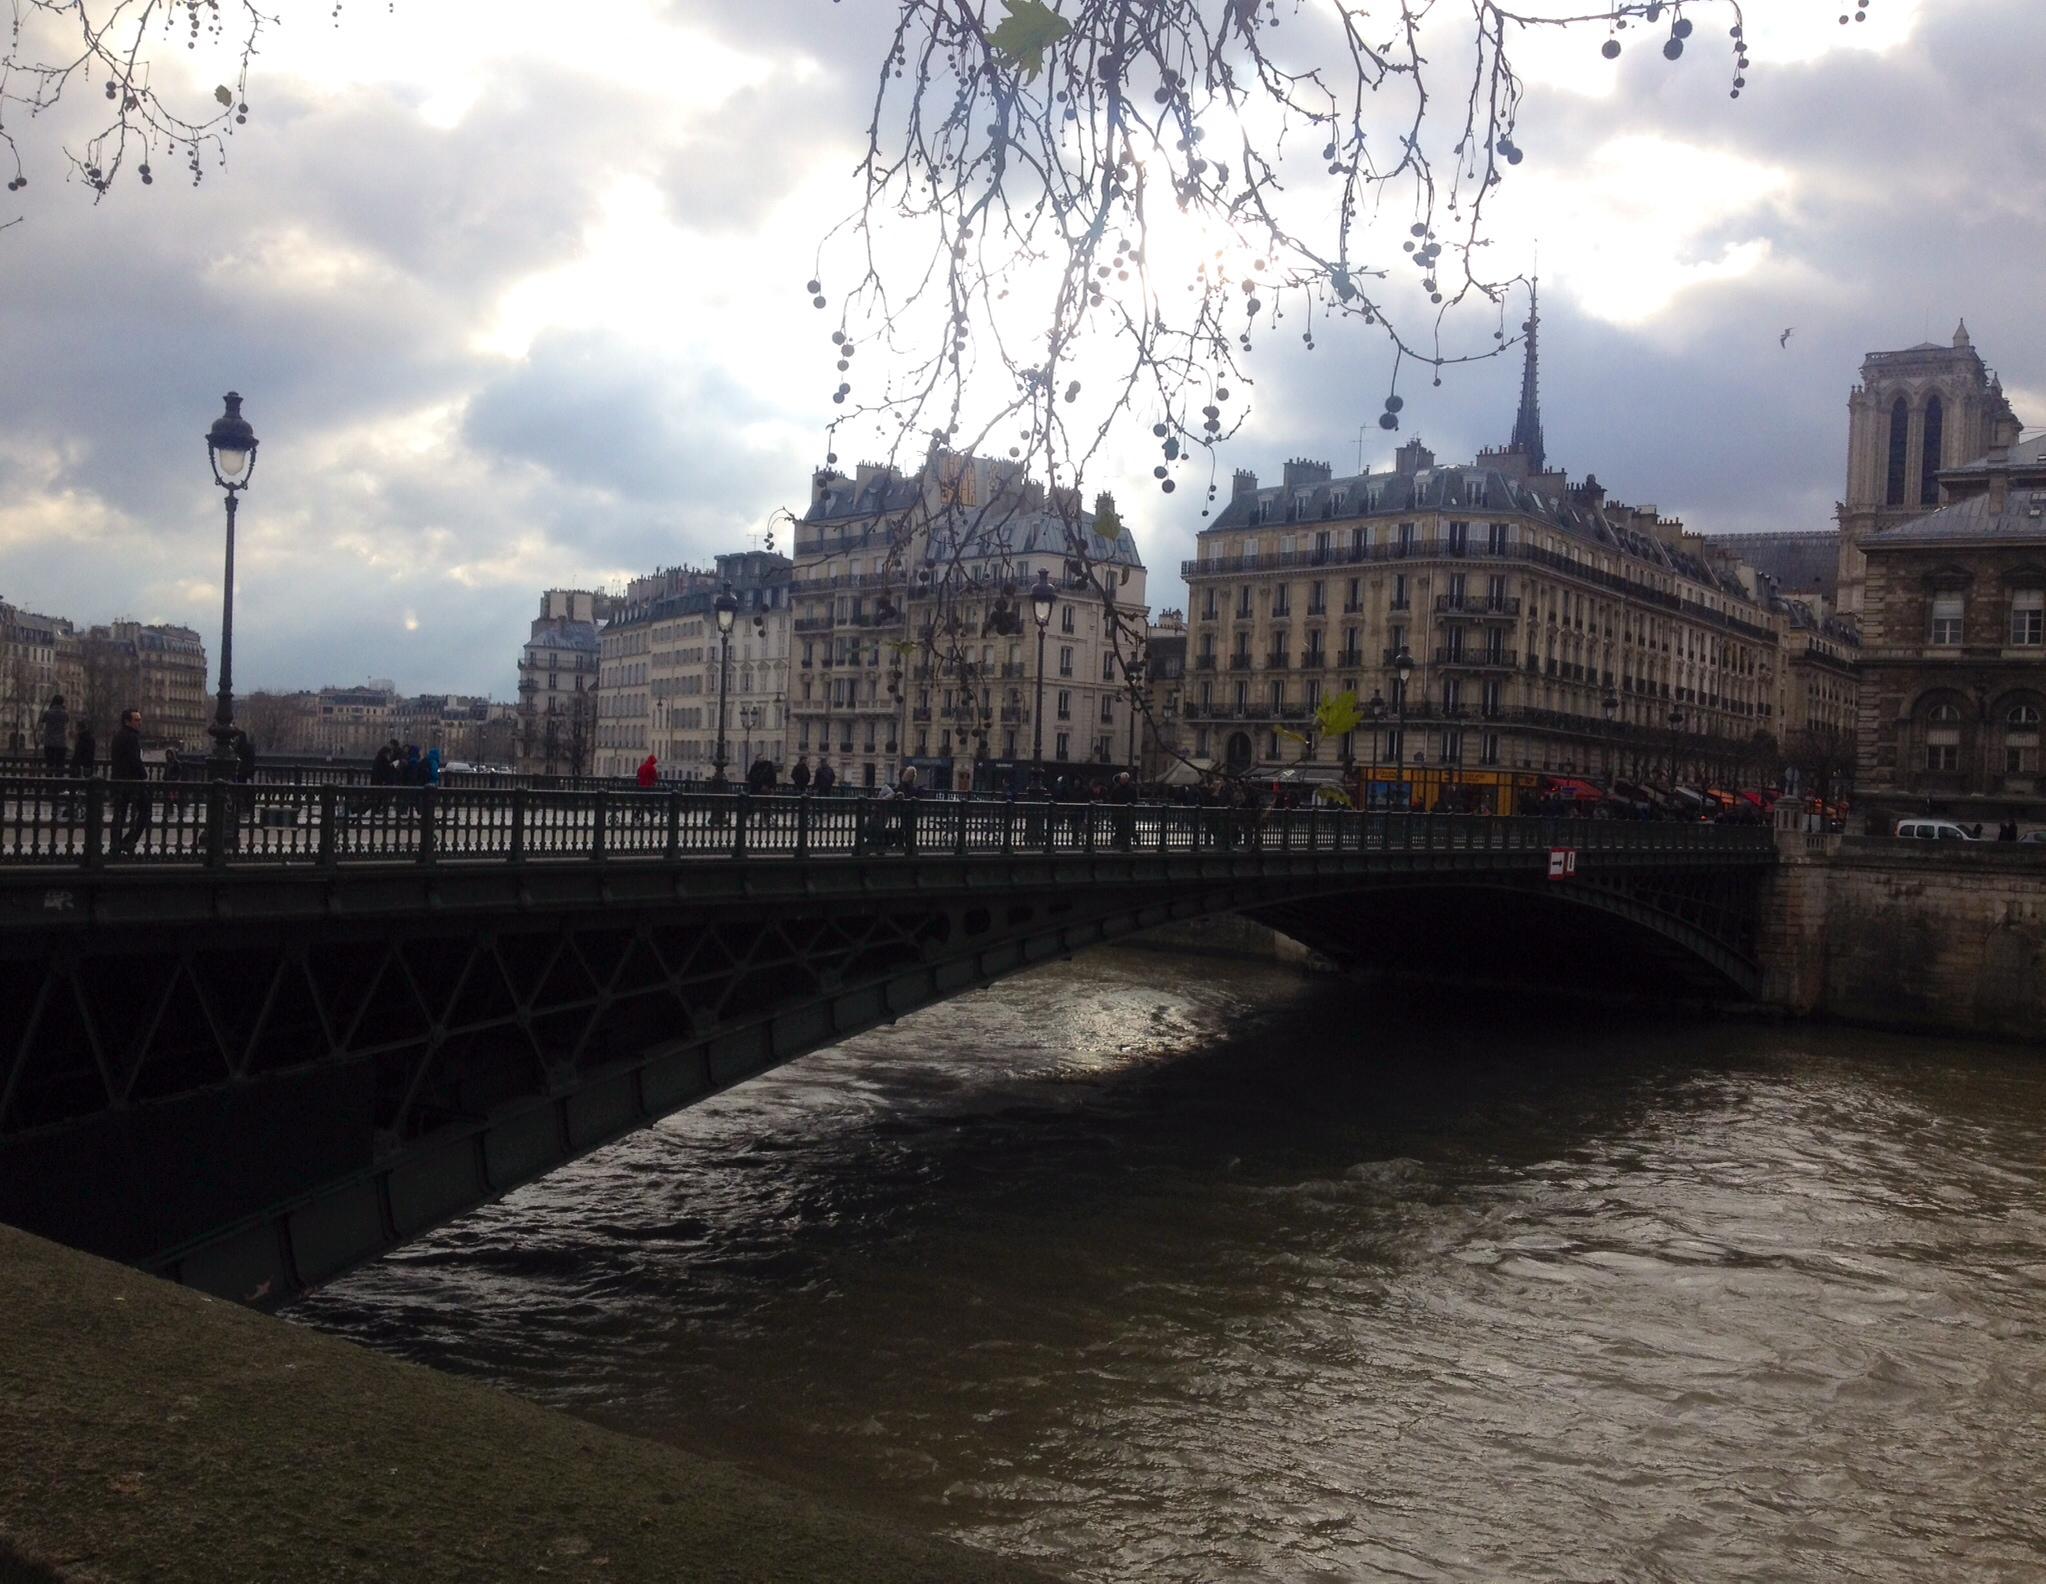 雪糕棍手工制作 巴黎铁塔